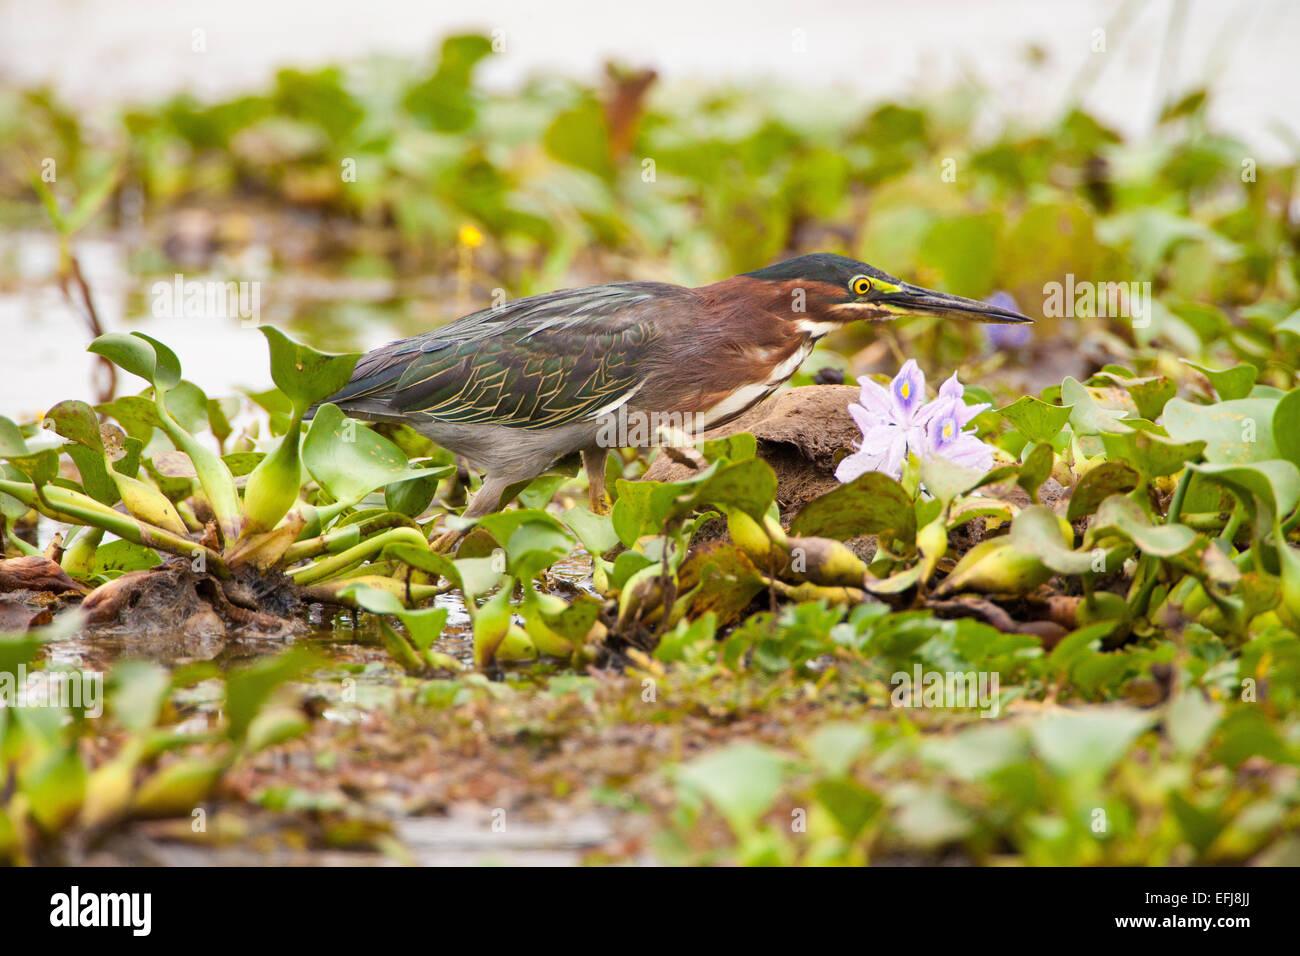 Green Heron, Butorides virescens, Refugio de vida Silvestre Cienaga las Macanas, Herrera province, Republic of Panama. Stock Photo